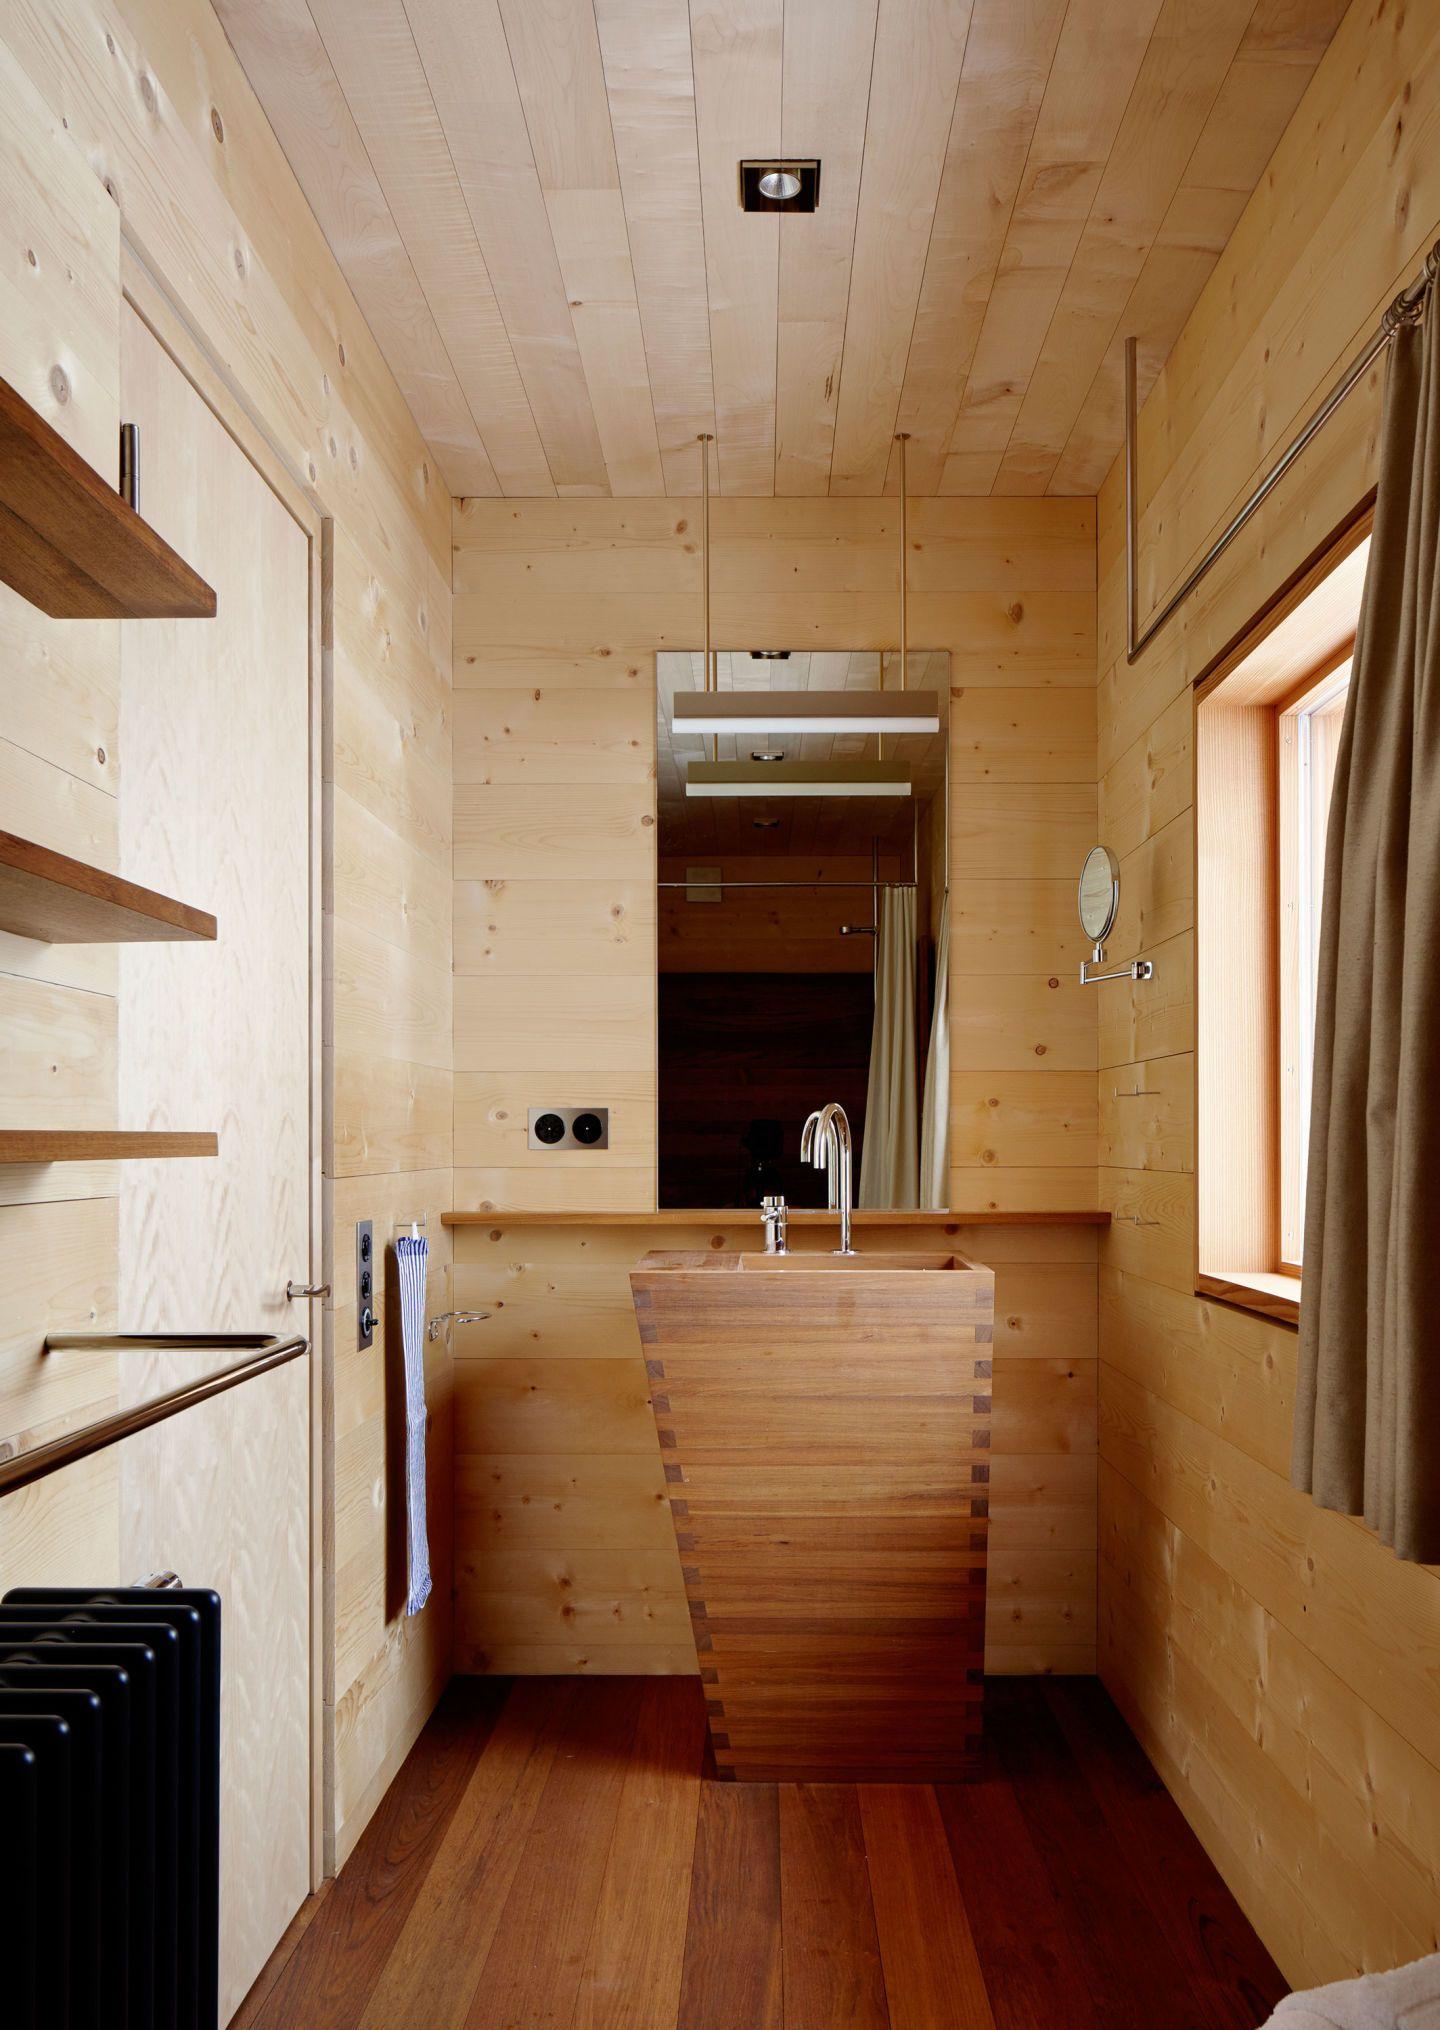 architekturbro peter zumthor ralph feiner the unterhus leis ob vals switzerland - Buro Zu Hause Mit Seestuckunglaubliche Bild